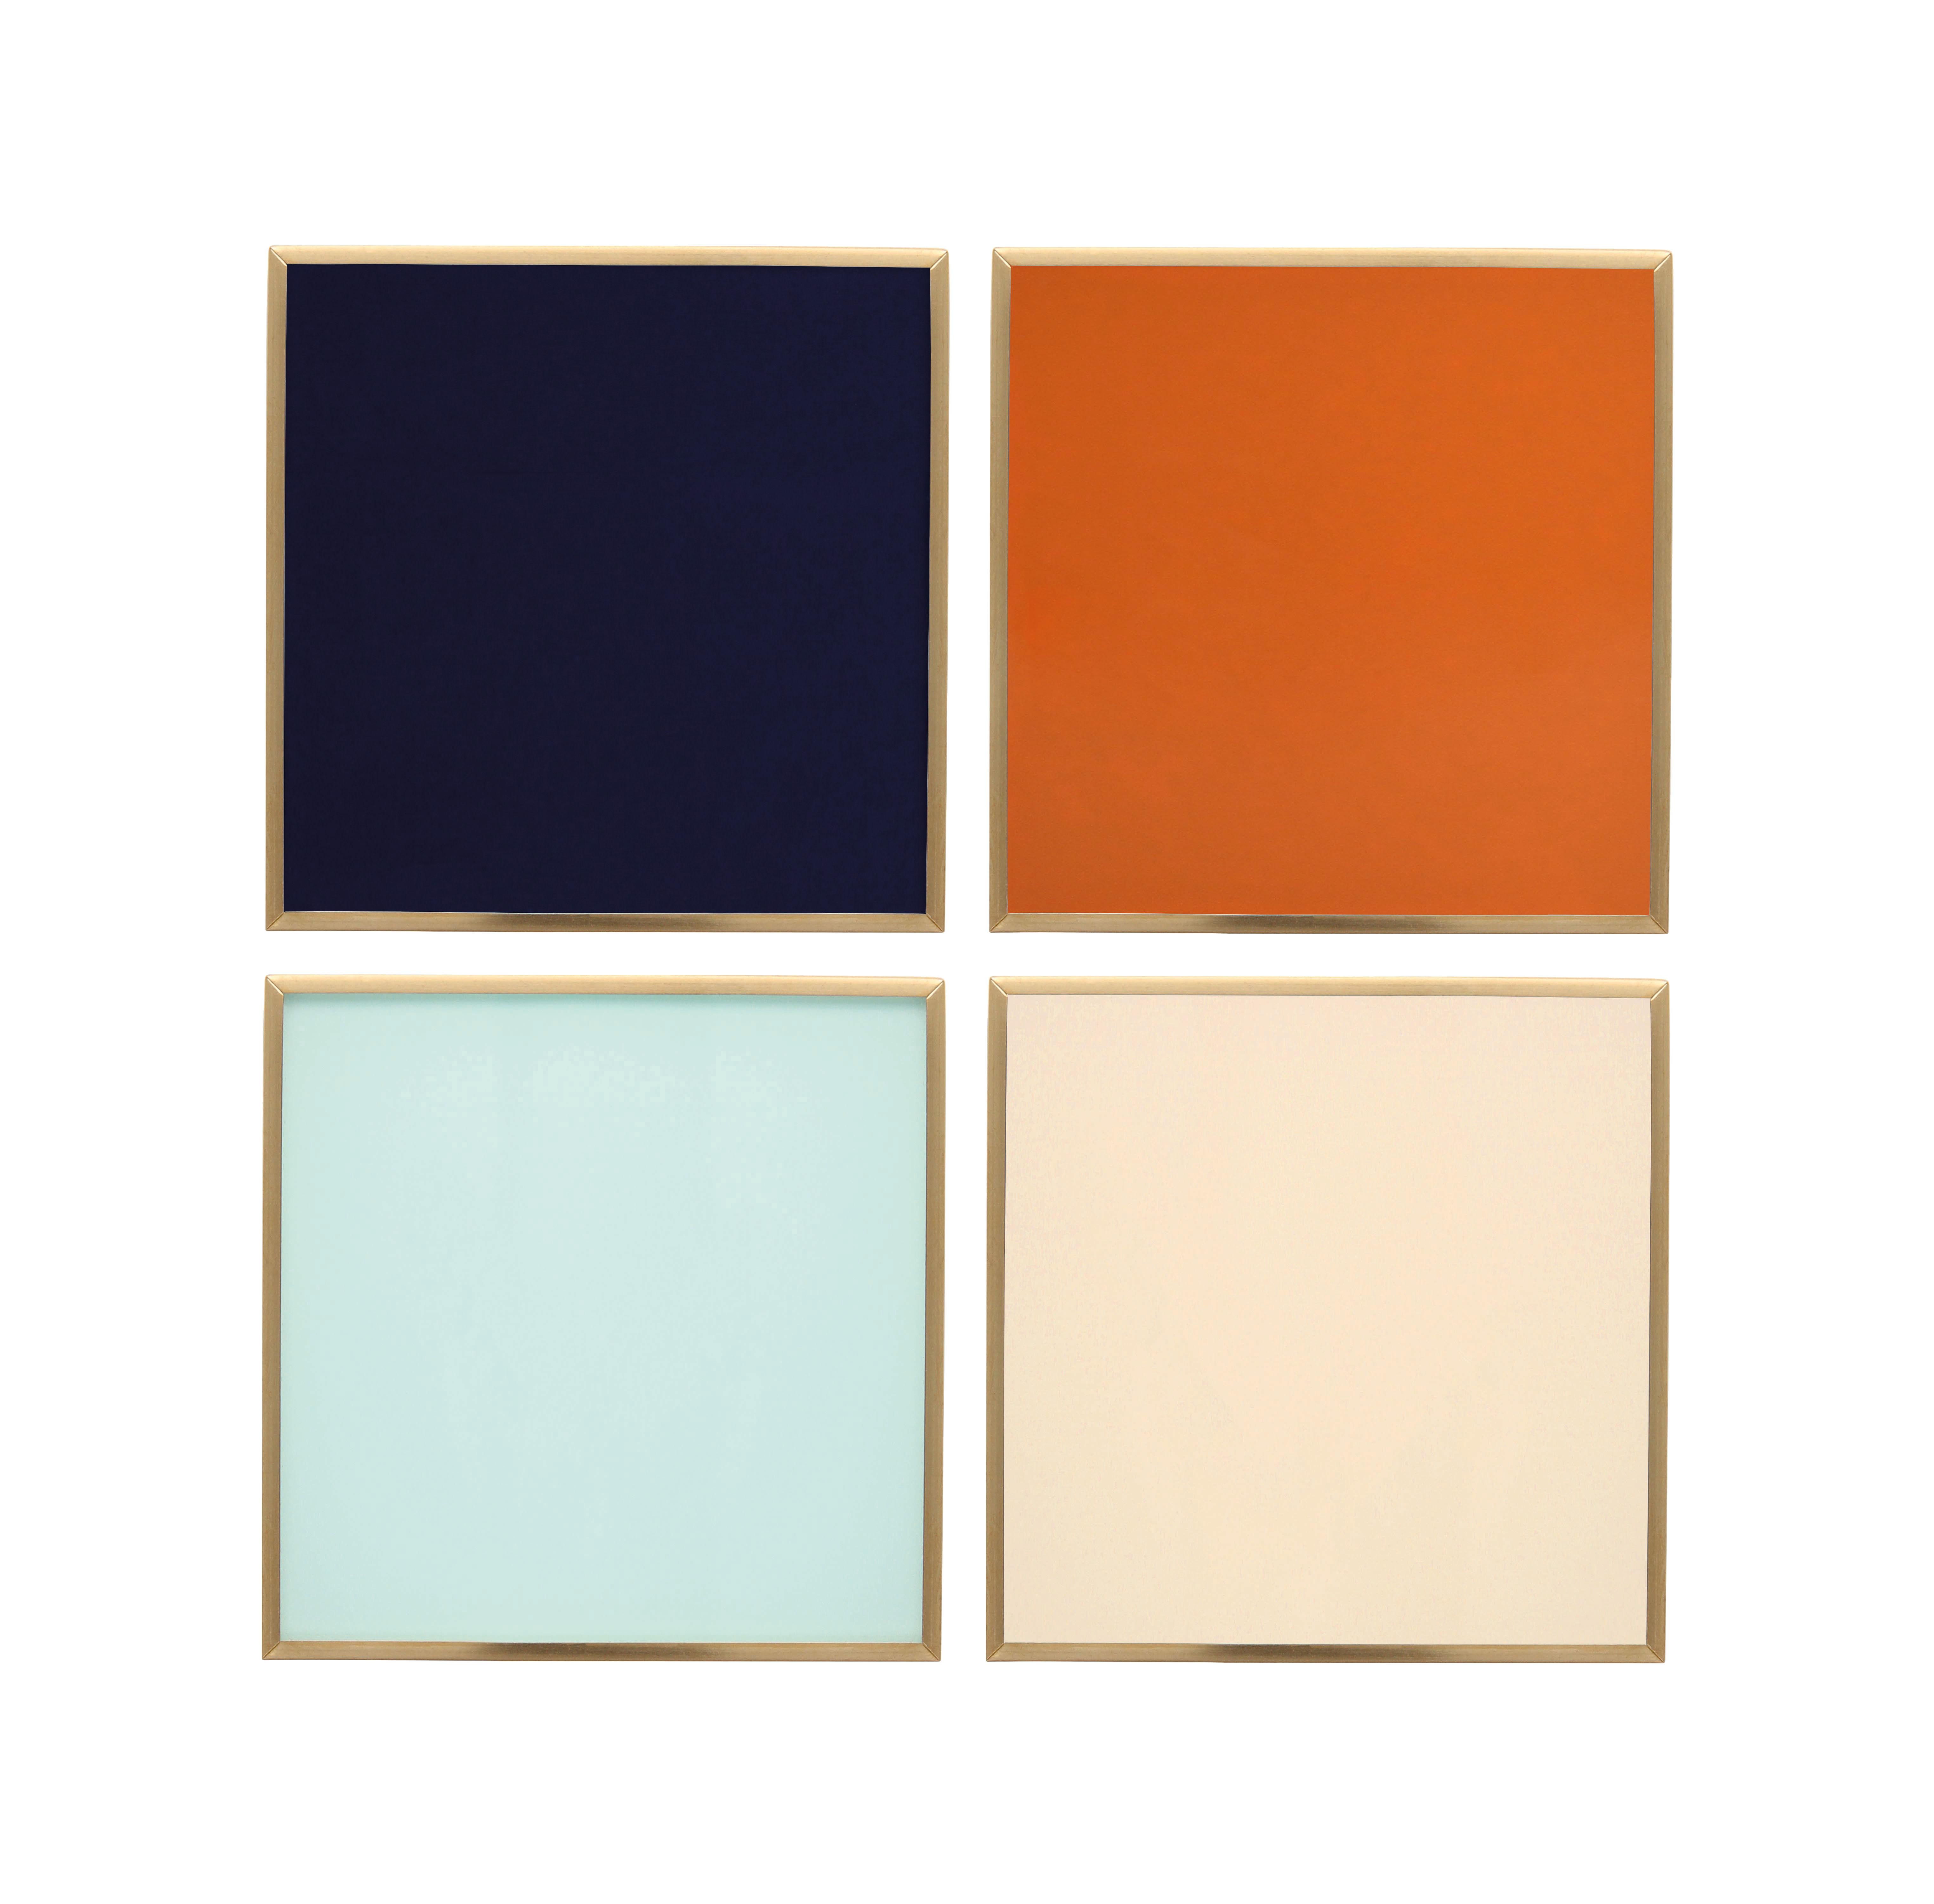 Tavola - Sottopiatti - Sottobicchiere - / Set di 4 - Vetro di & klevering - Multicolore - Metallo, Verre coloré